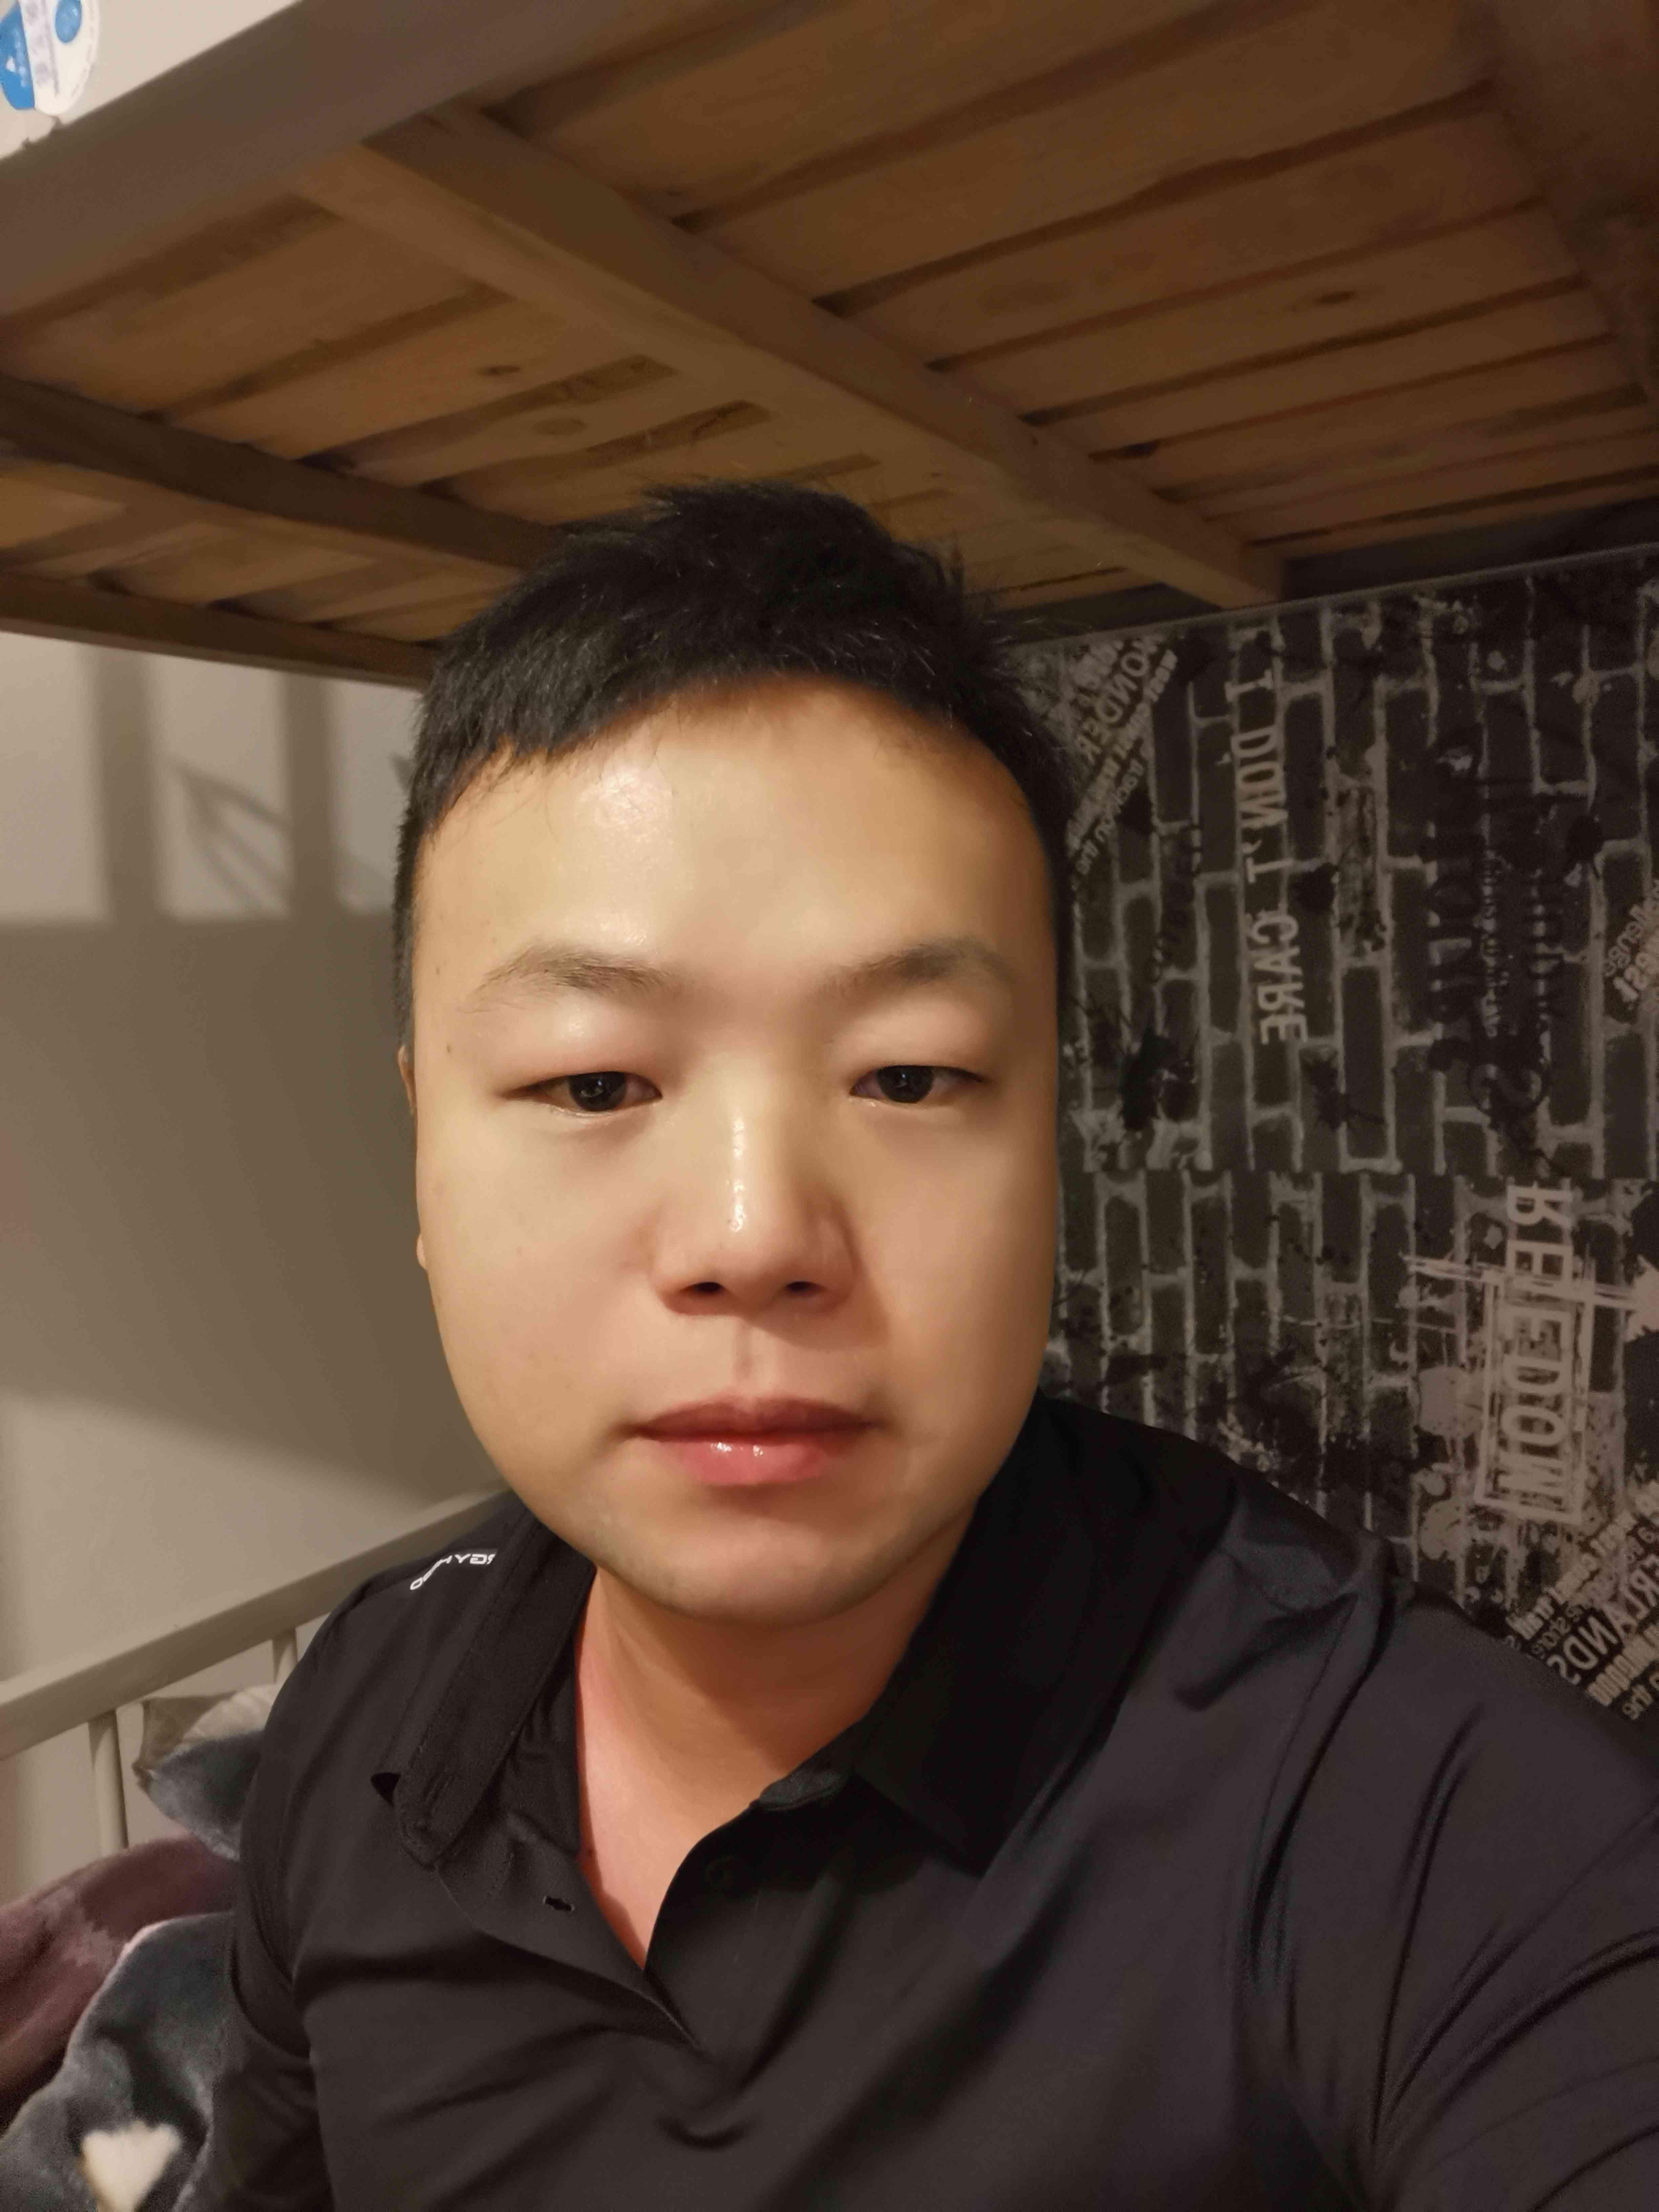 浙江杭州西湖区会员11031615